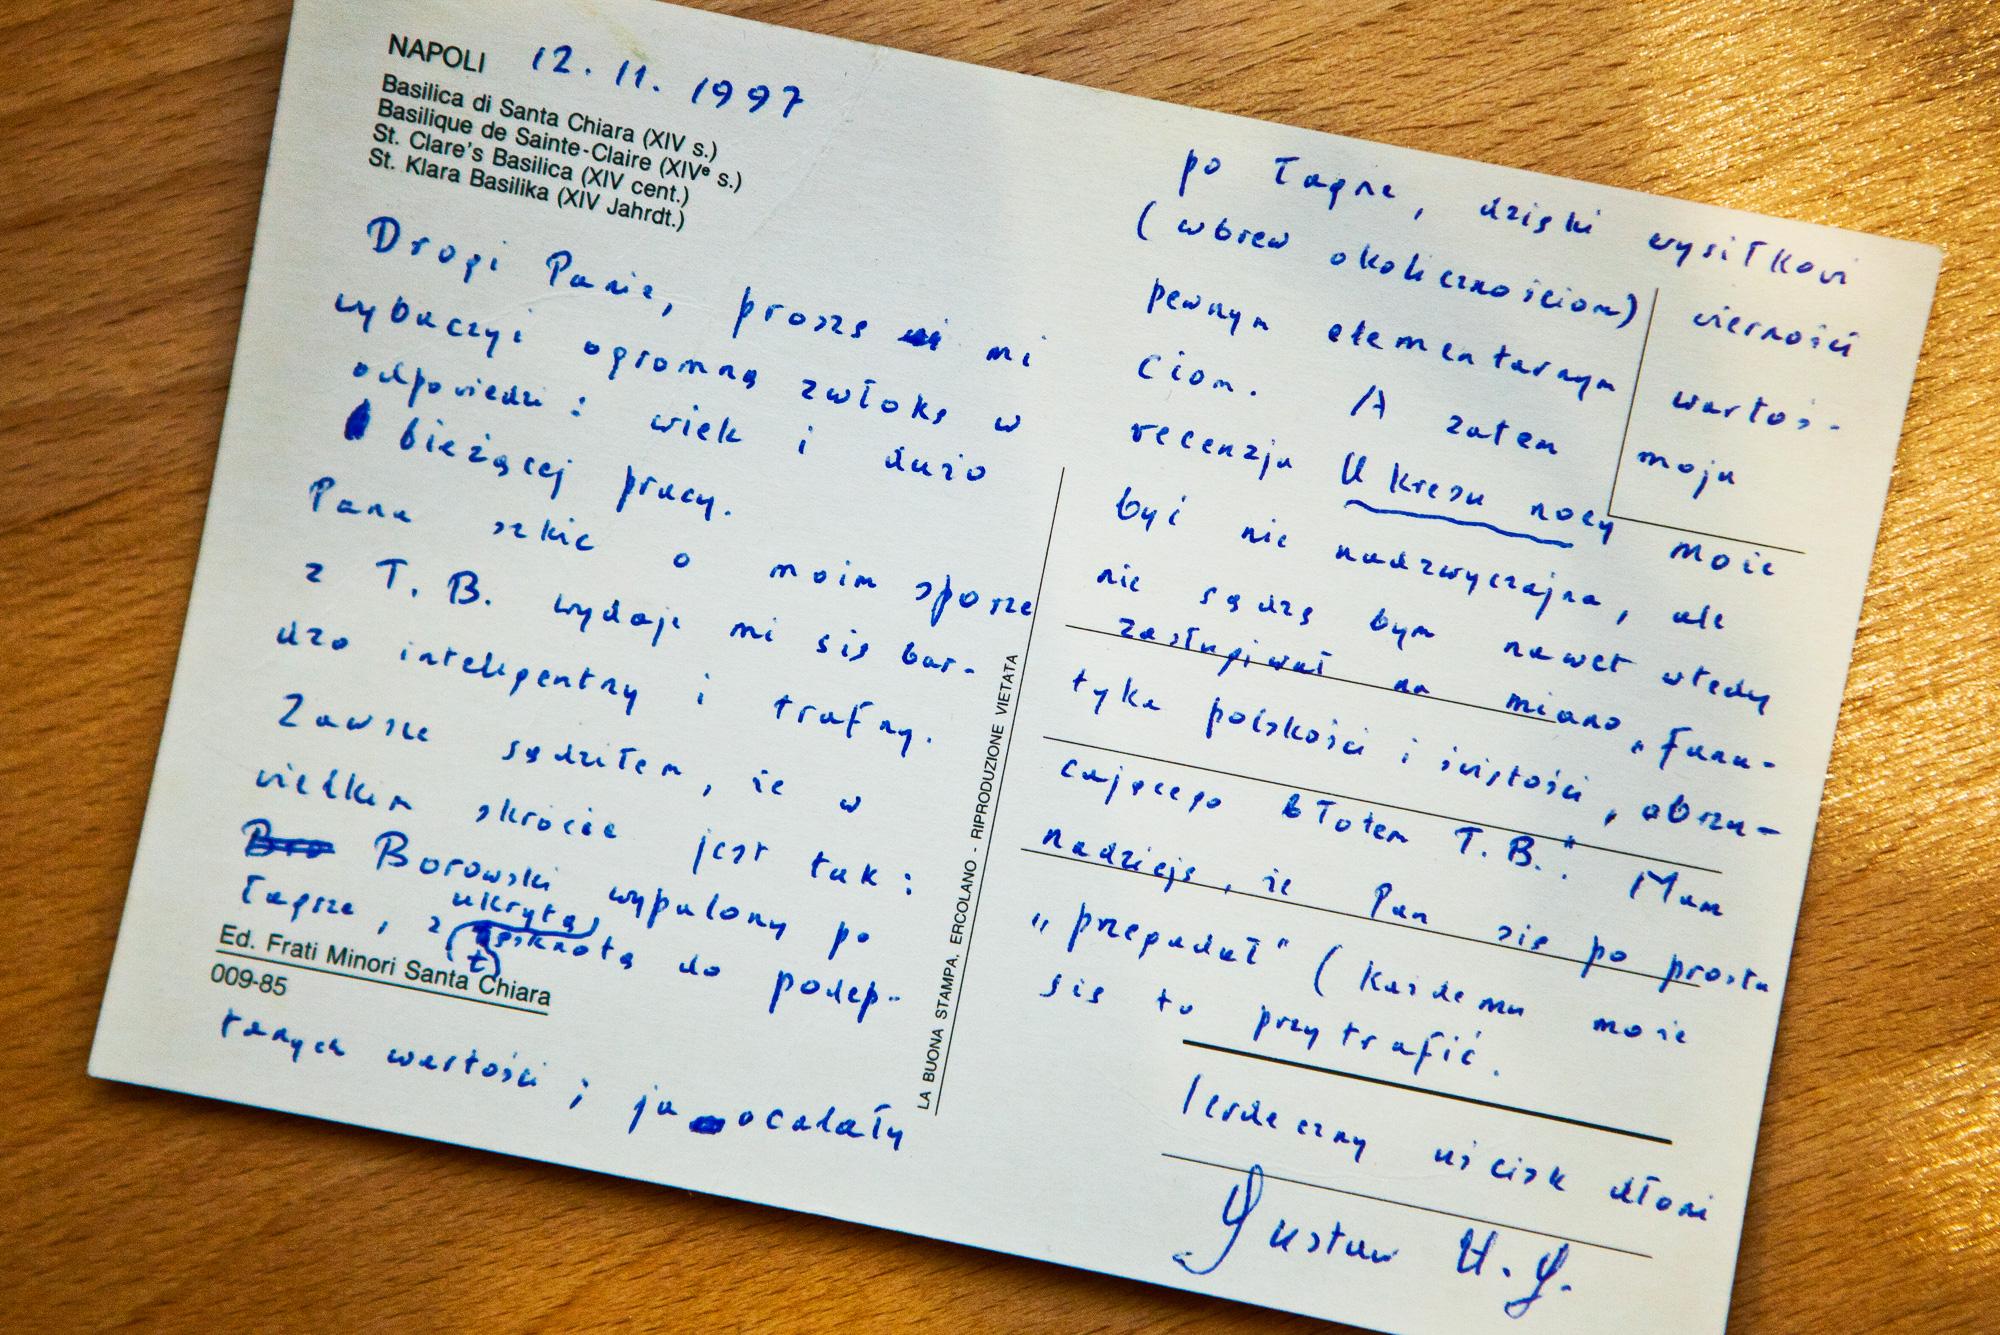 Karta pocztowa z odręcznym pisme Herliga - Grudzińskiego